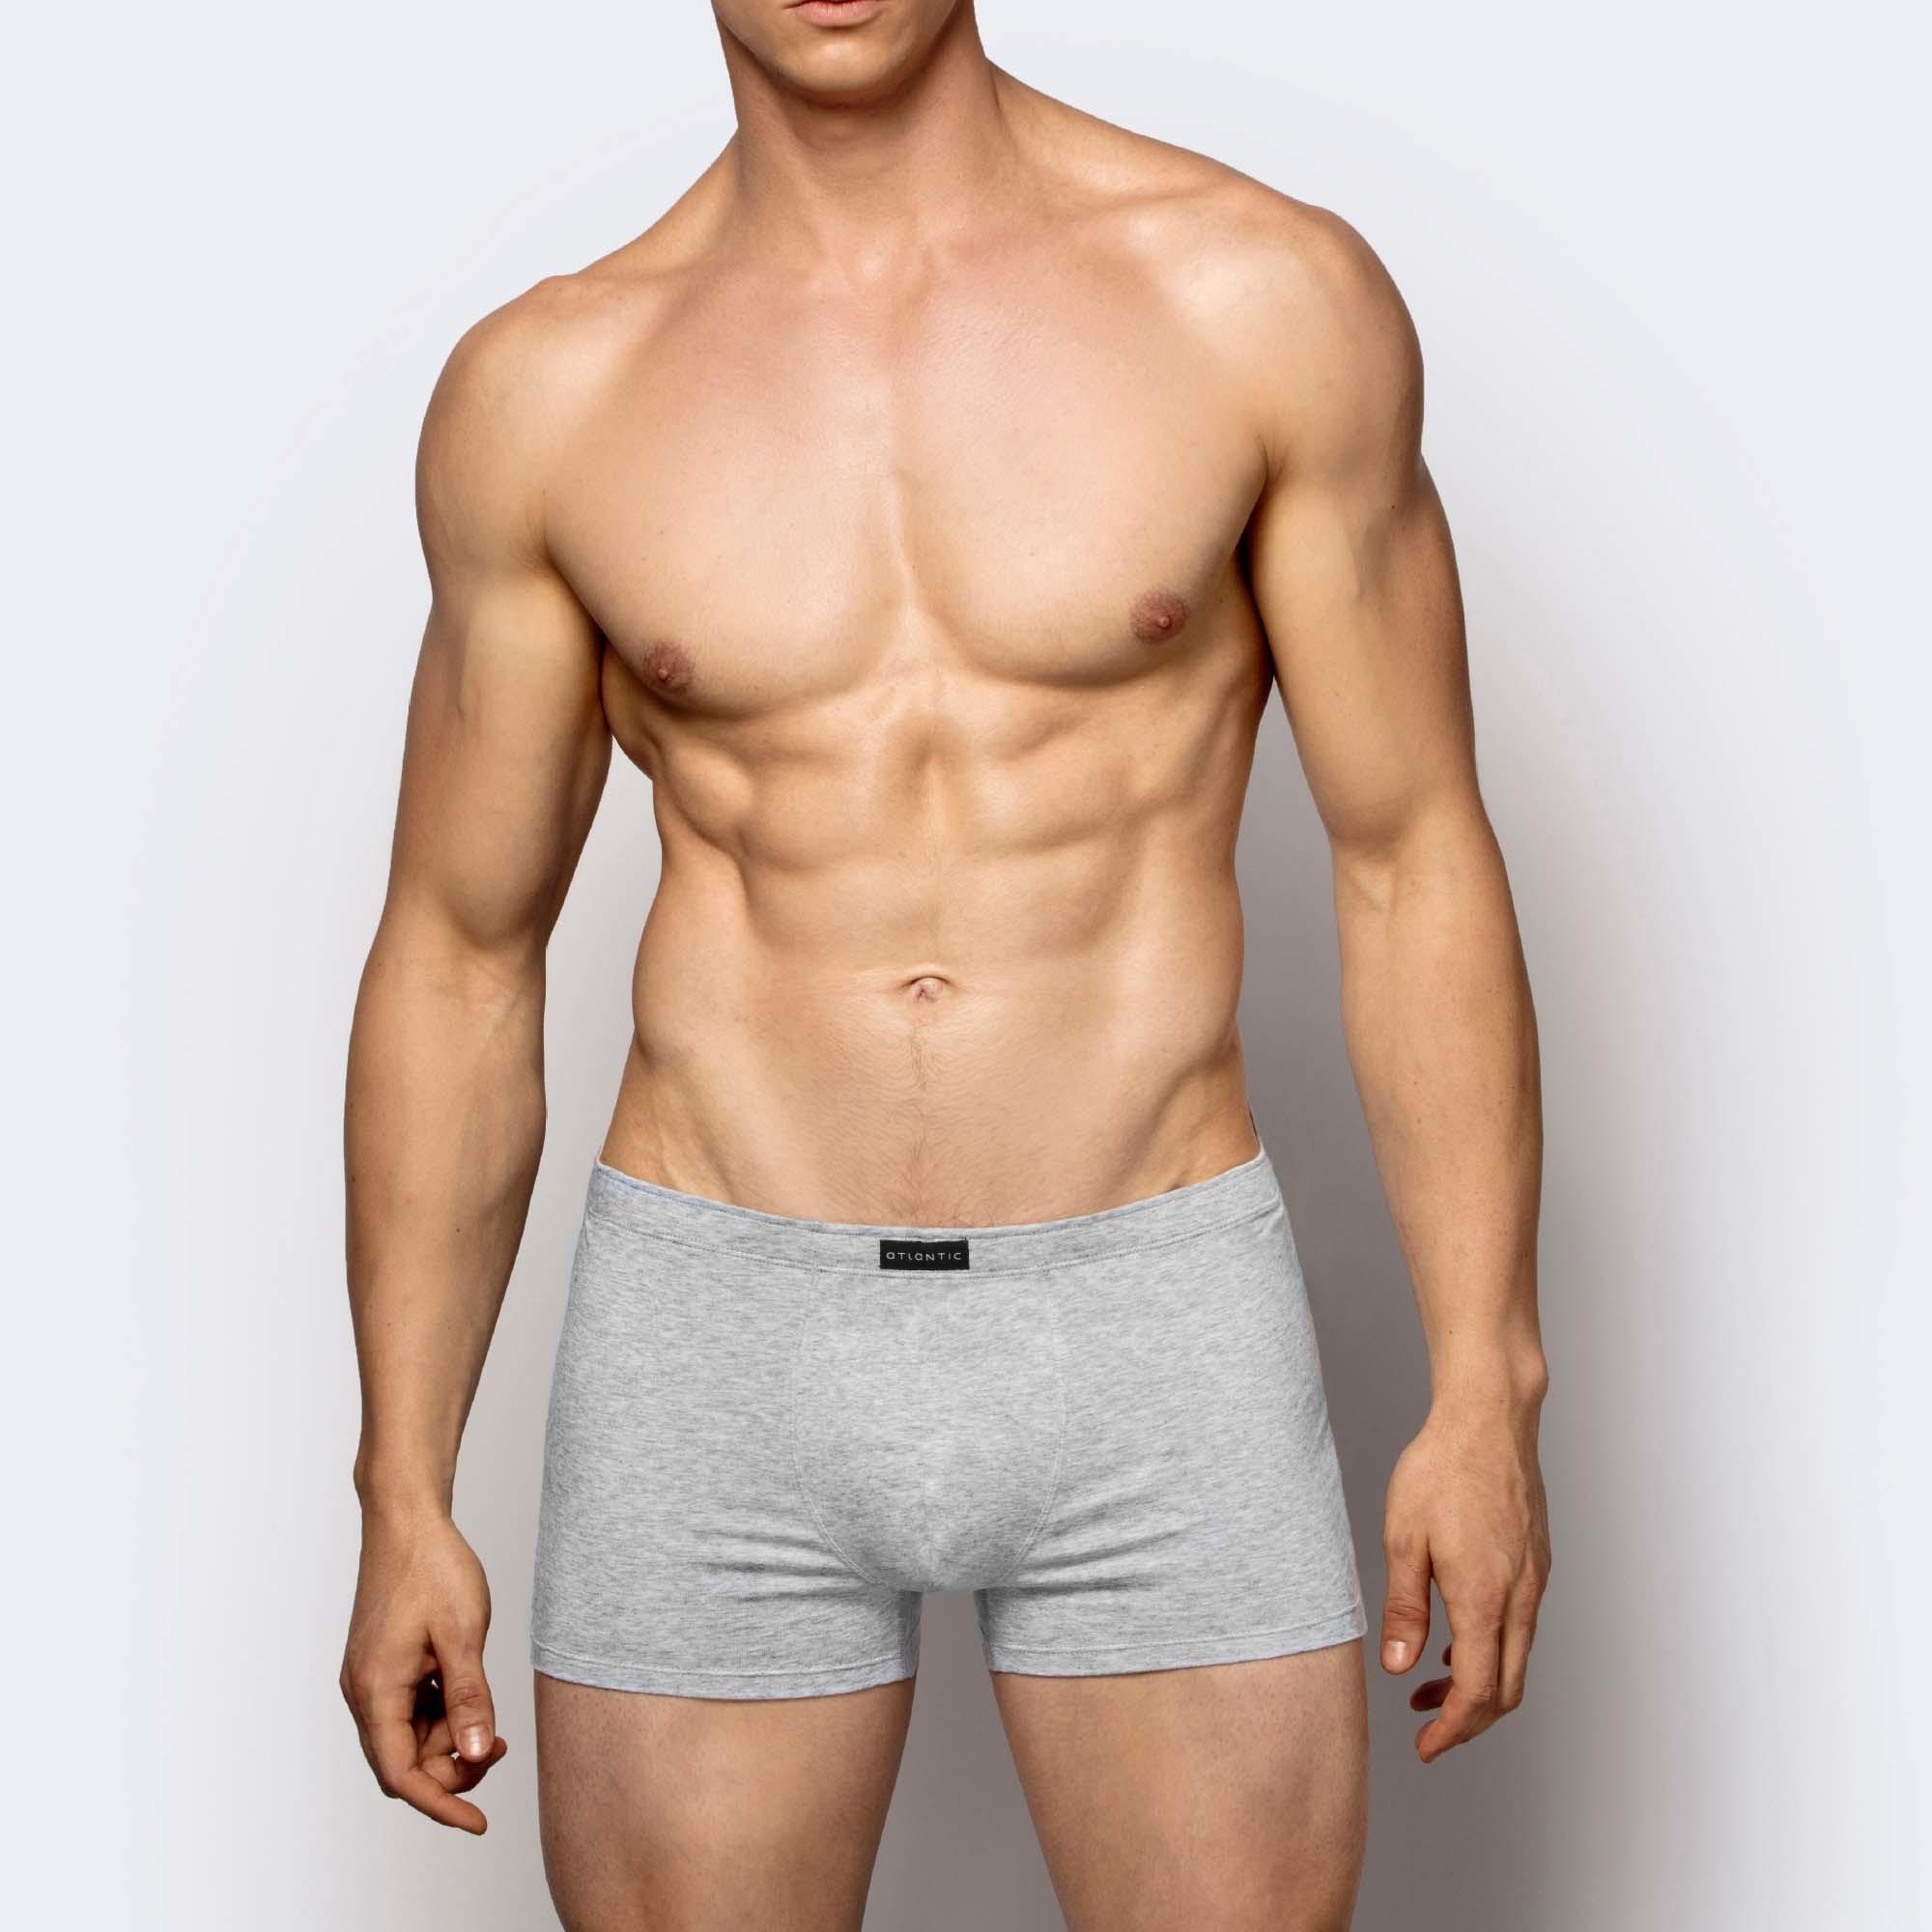 Трусы мужские шорты Plus size Basic BMH-042